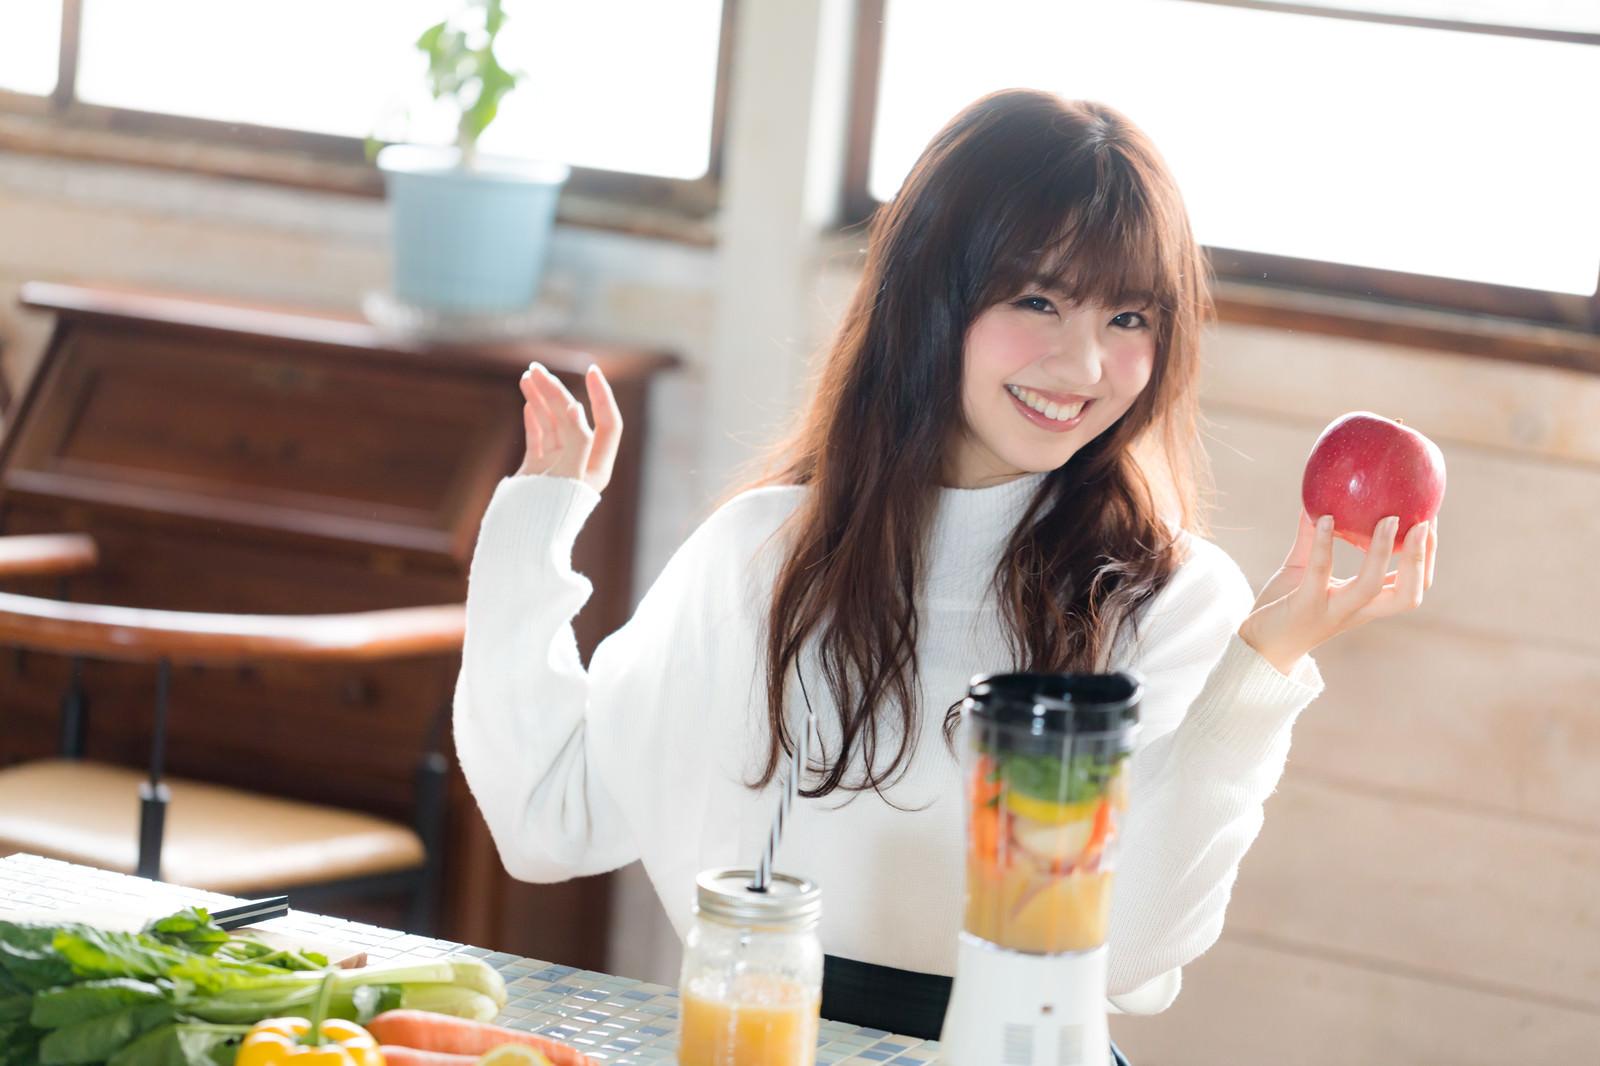 「片手に赤い林檎を持った健康志向女子片手に赤い林檎を持った健康志向女子」[モデル:河村友歌]のフリー写真素材を拡大